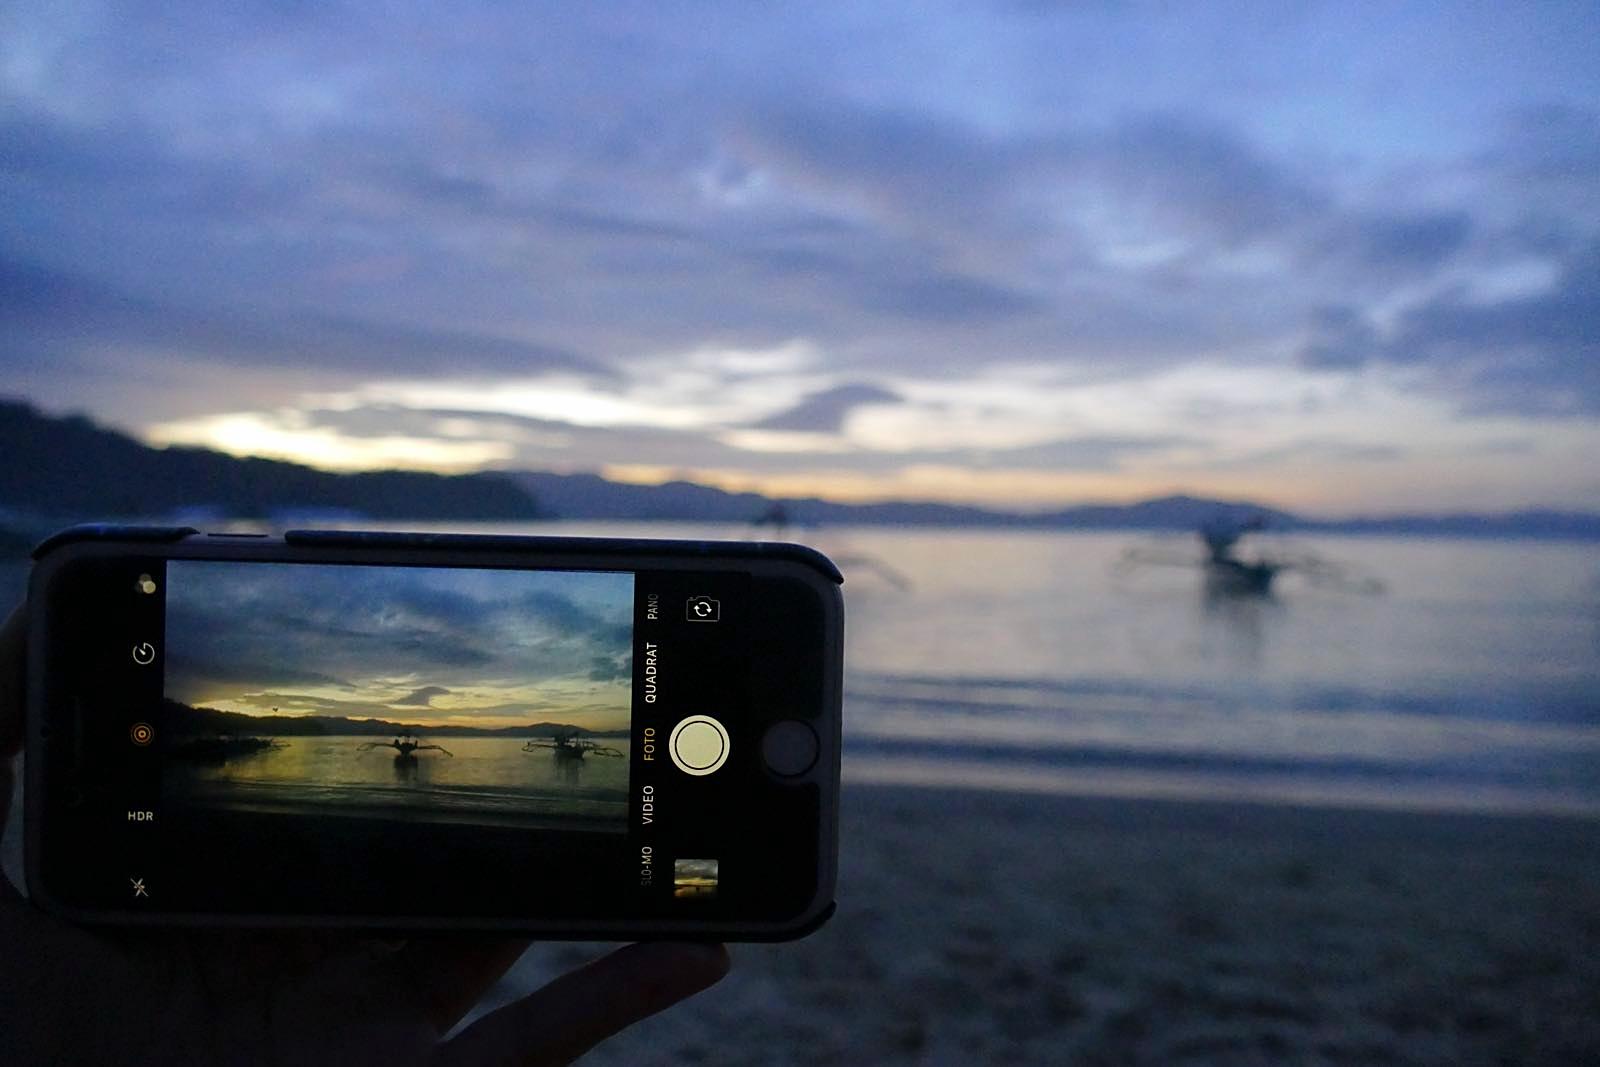 Schöner Sonnenuntergang in Port Barton. Auch mit dem iPhone gibts schöne Bilder ;-)